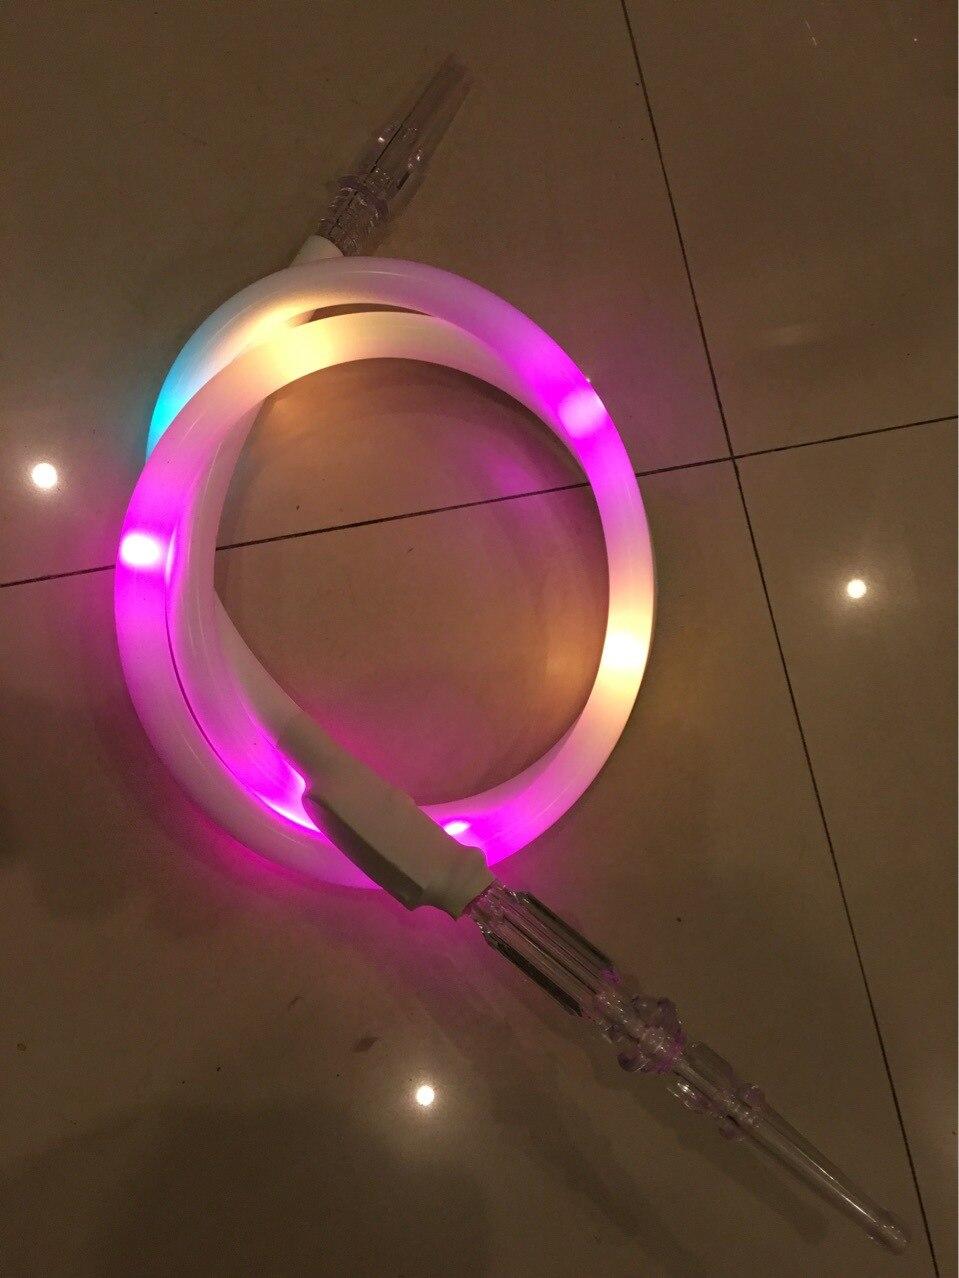 צינור נרגילות נרגילה צבעוני אופנה LED זוהרת Narguile מסנוור אביזרי צינור עישון הטבק ויד הרב